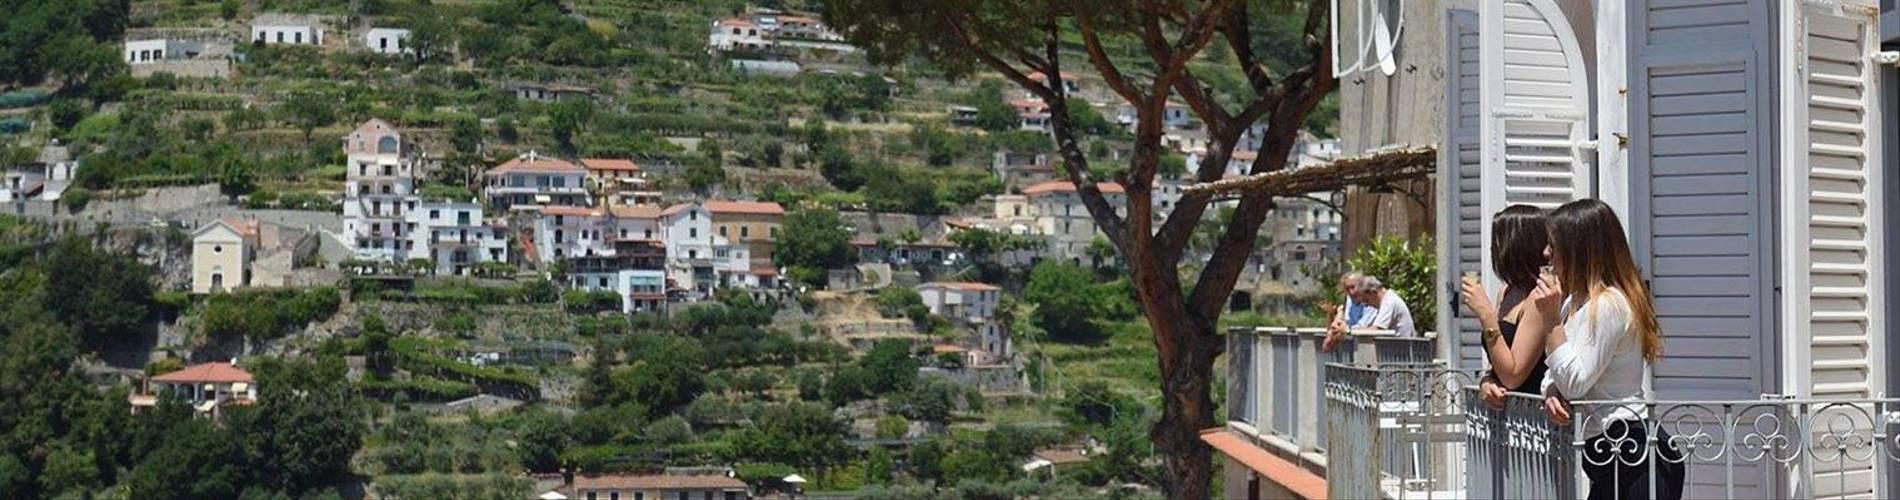 Giordano, Amalfi Coast, Italy (19).jpg